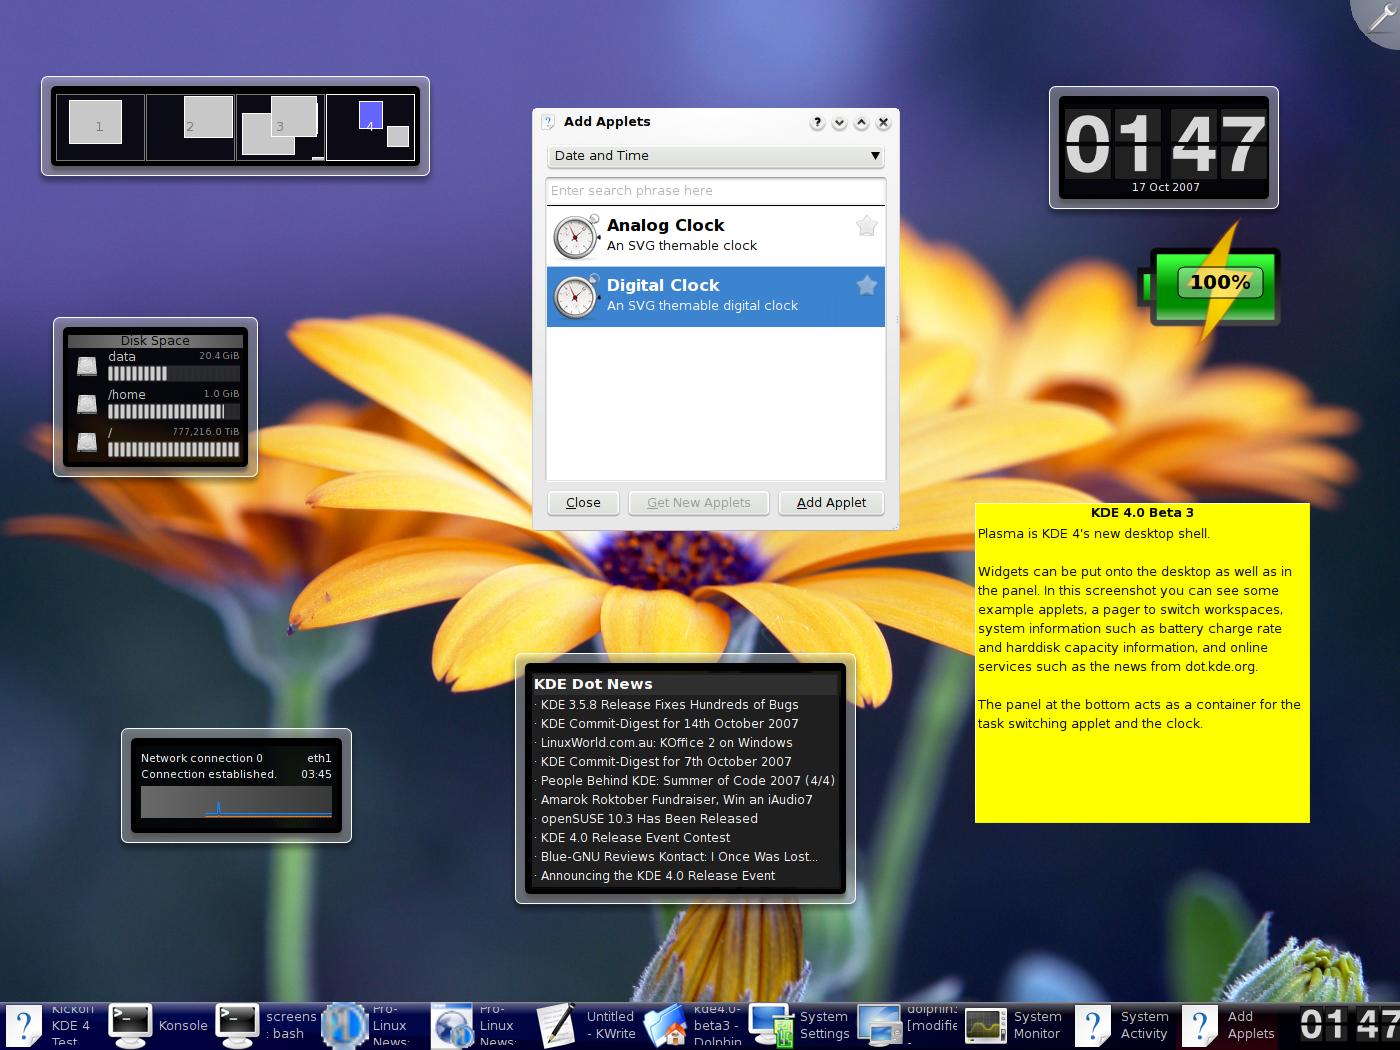 以下是有关 KDE 4.0 Beta 3 的一些 ...